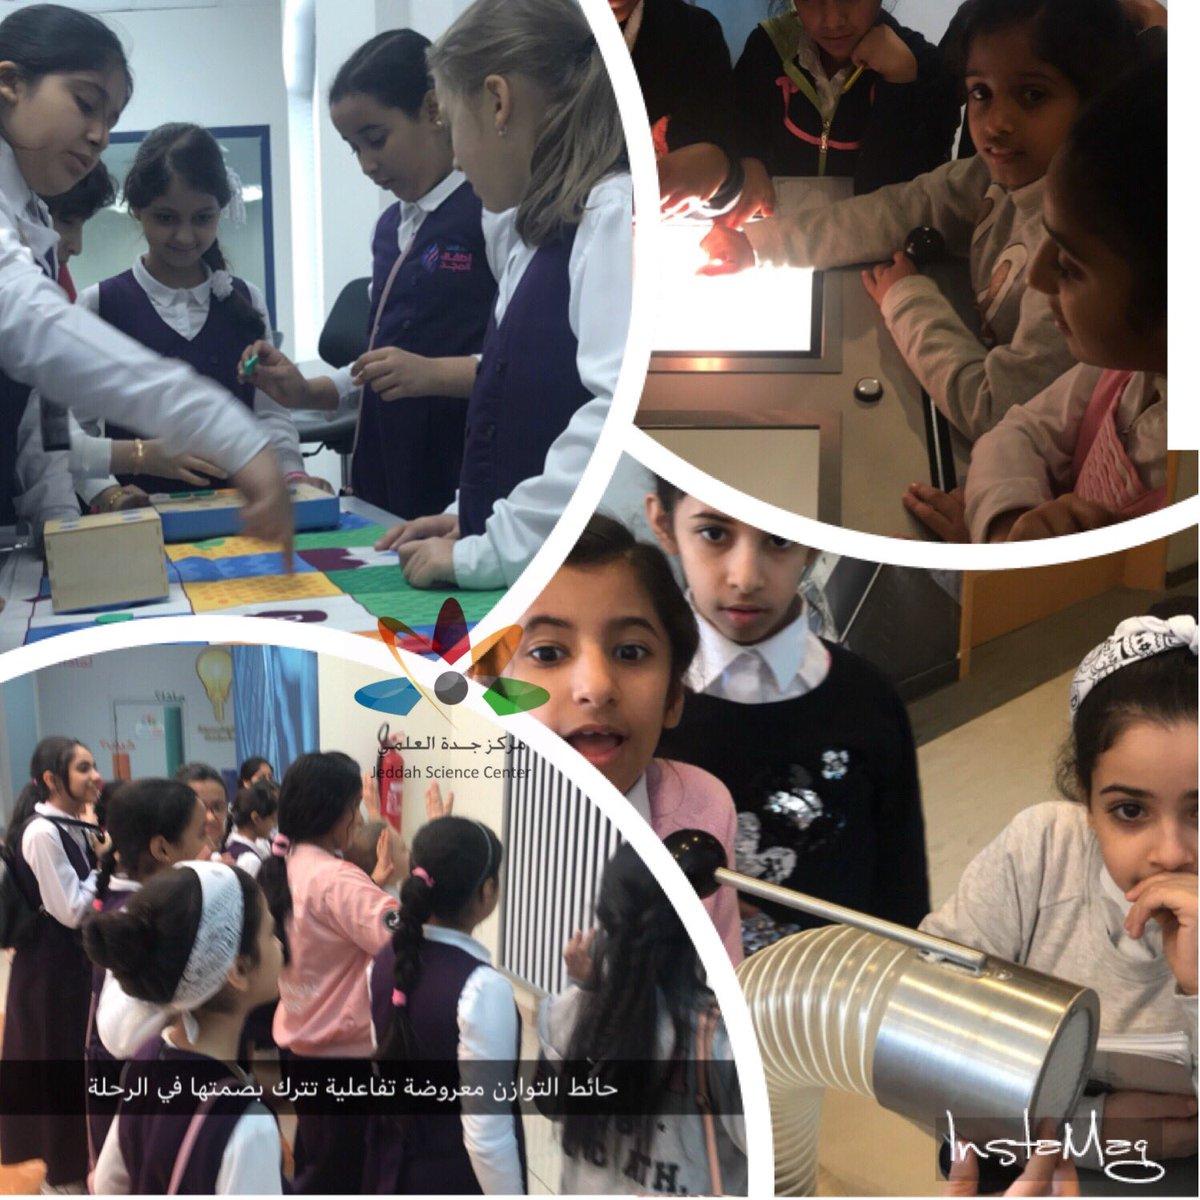 بالصور صور عن المدرسه , اجمل الصور عن المدرسة 4141 11